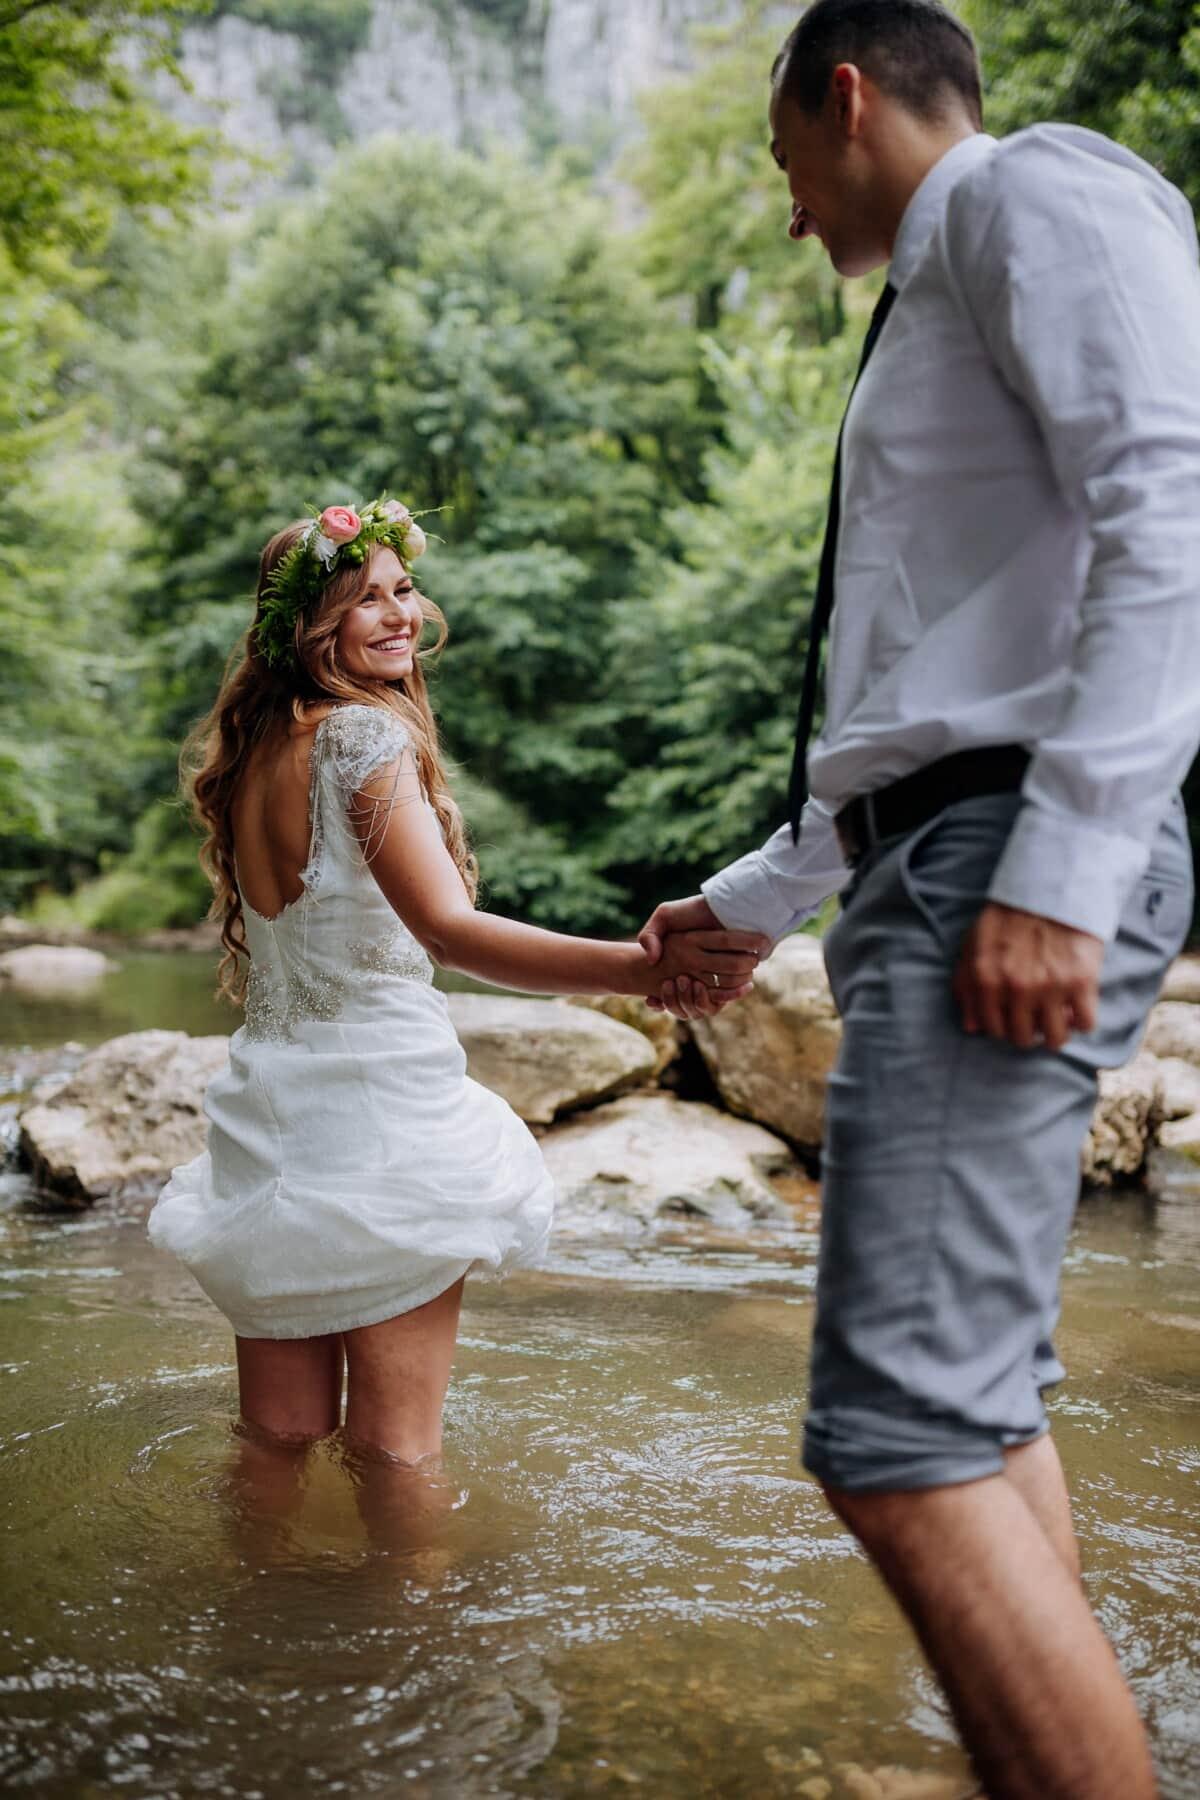 folyó, istennő, fürdés, barátja, kézenfogva, barátnő, kezek, állandó, szerelem, szabadban